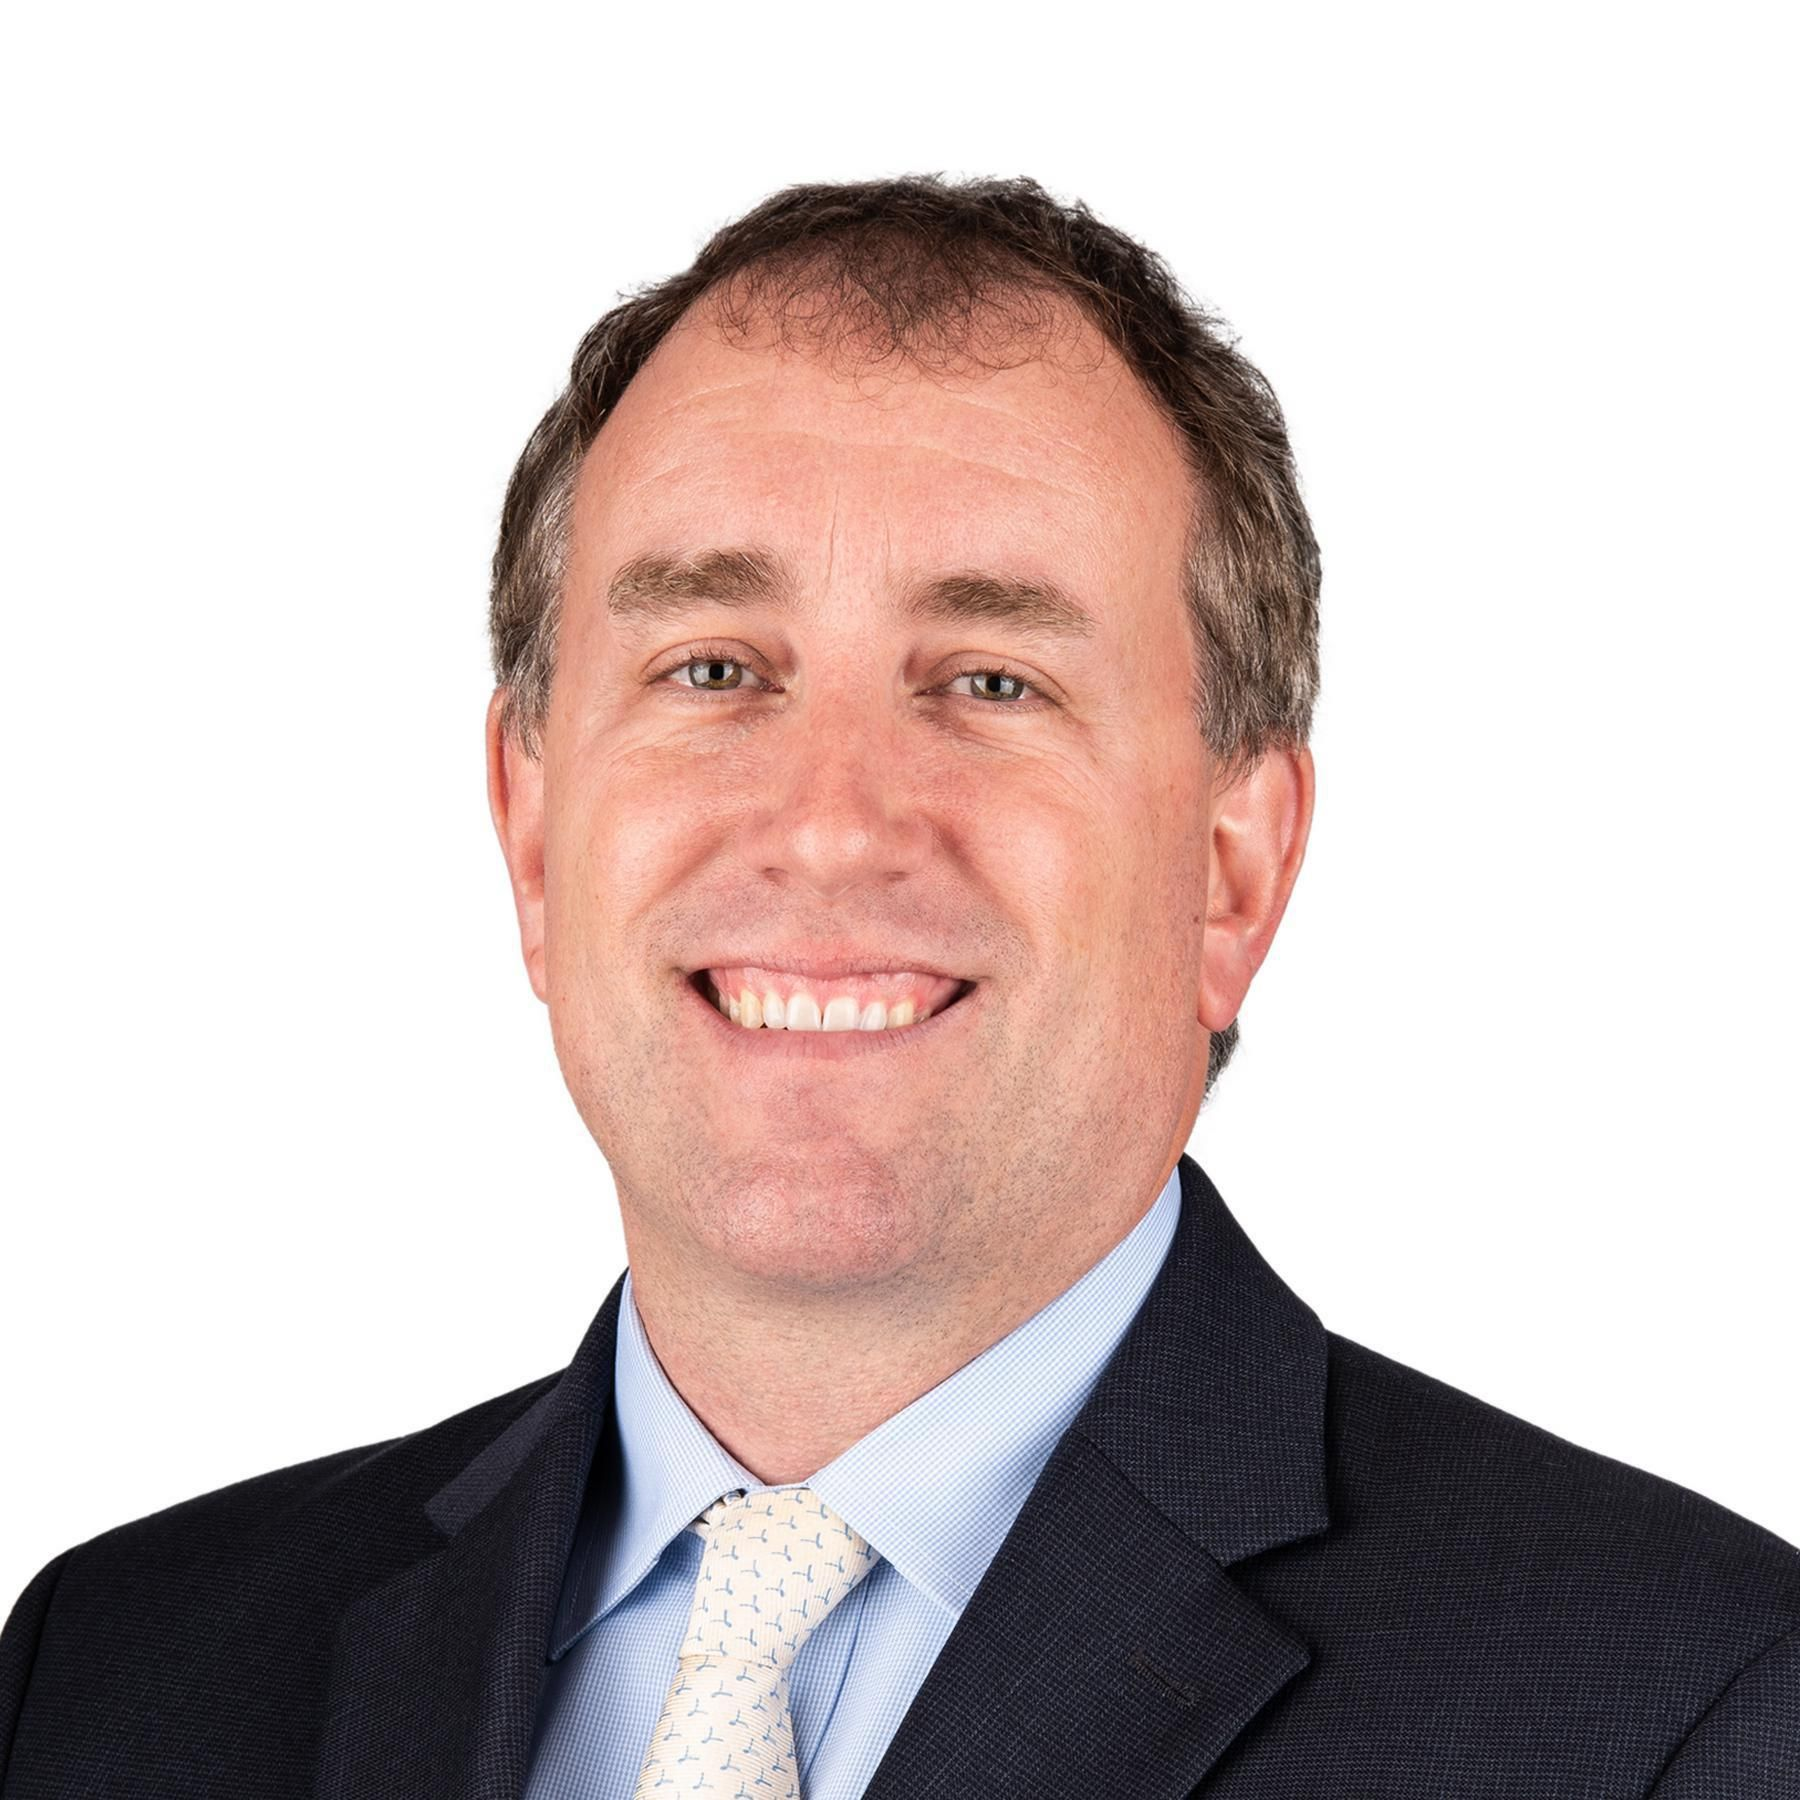 Scott Gregg